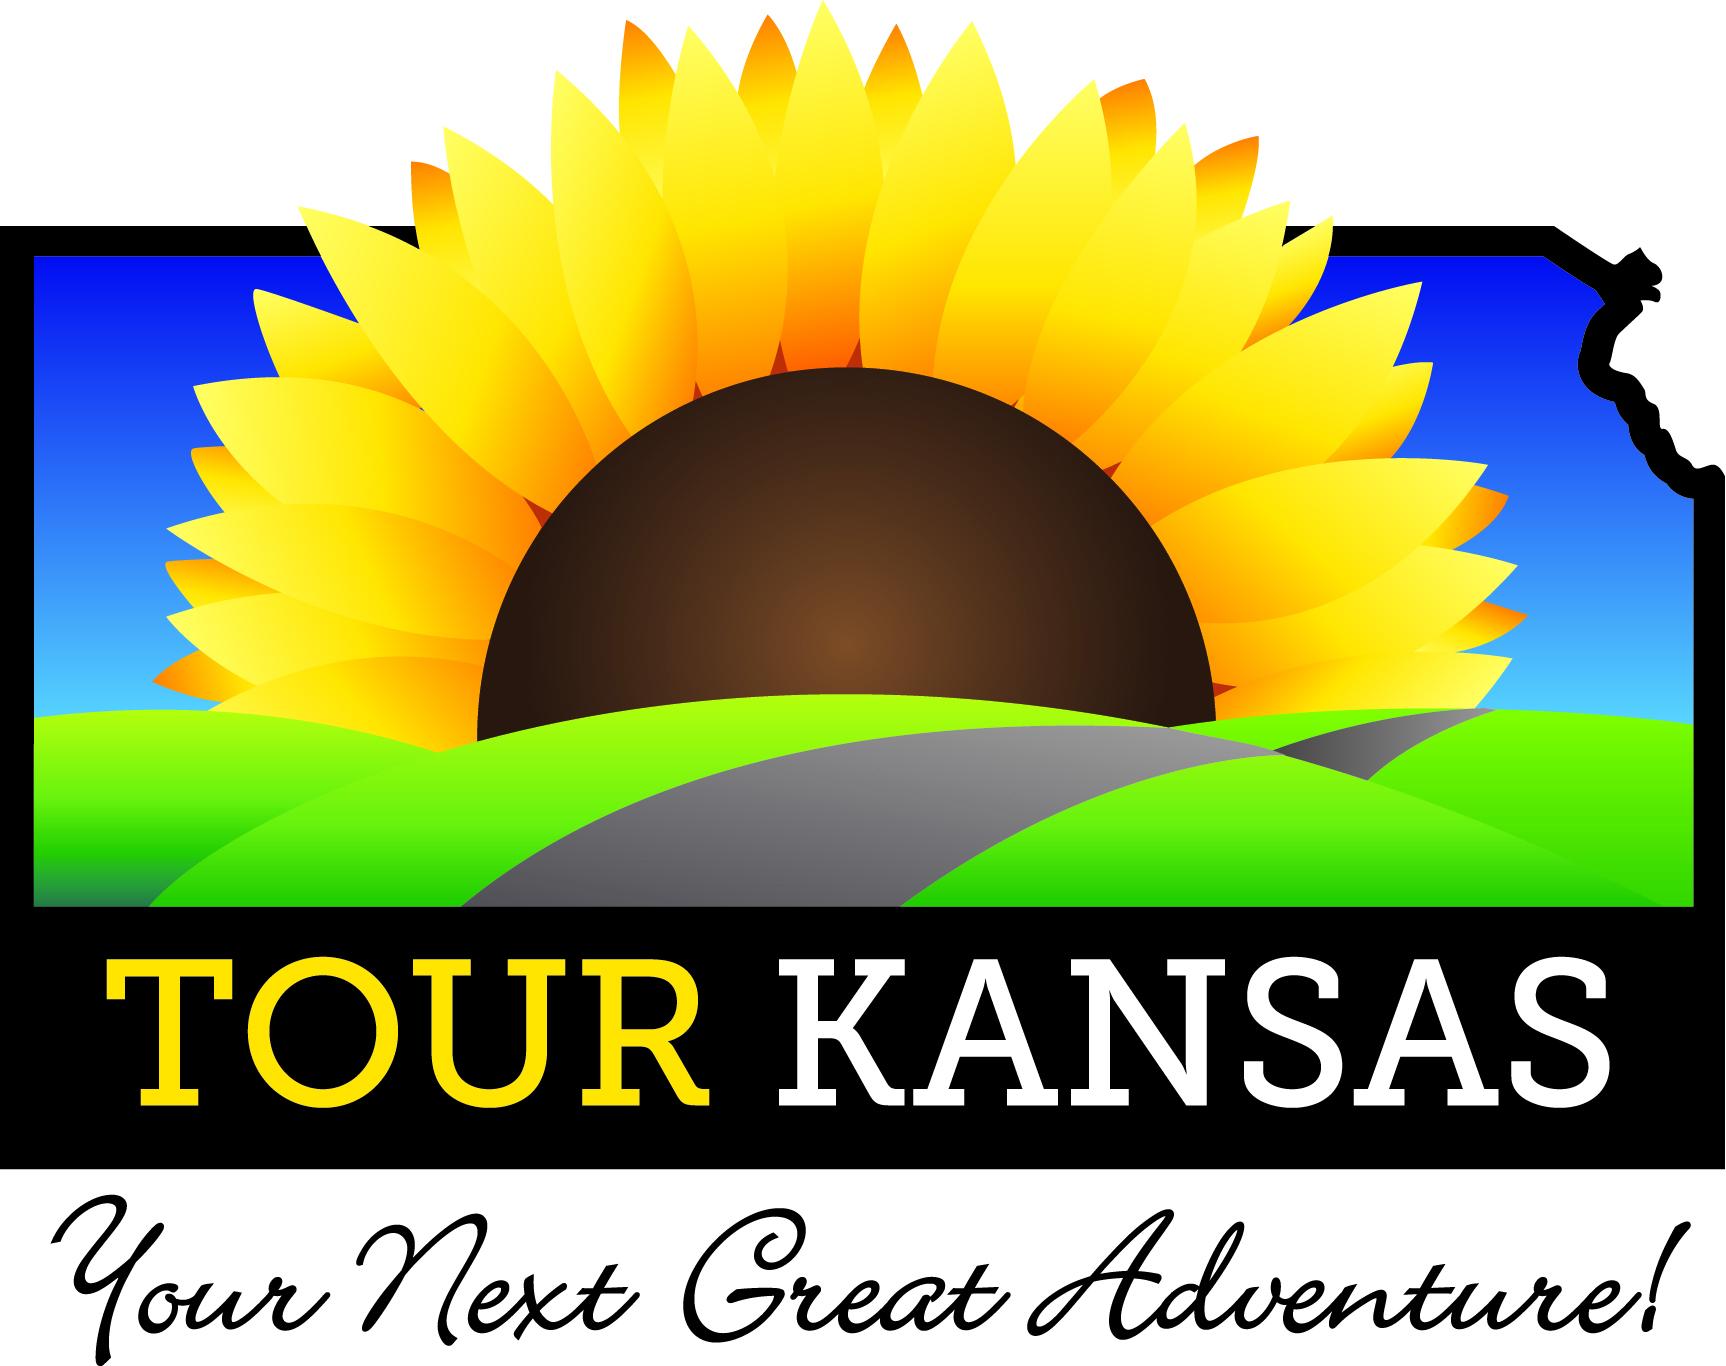 Tour Kansas Logo